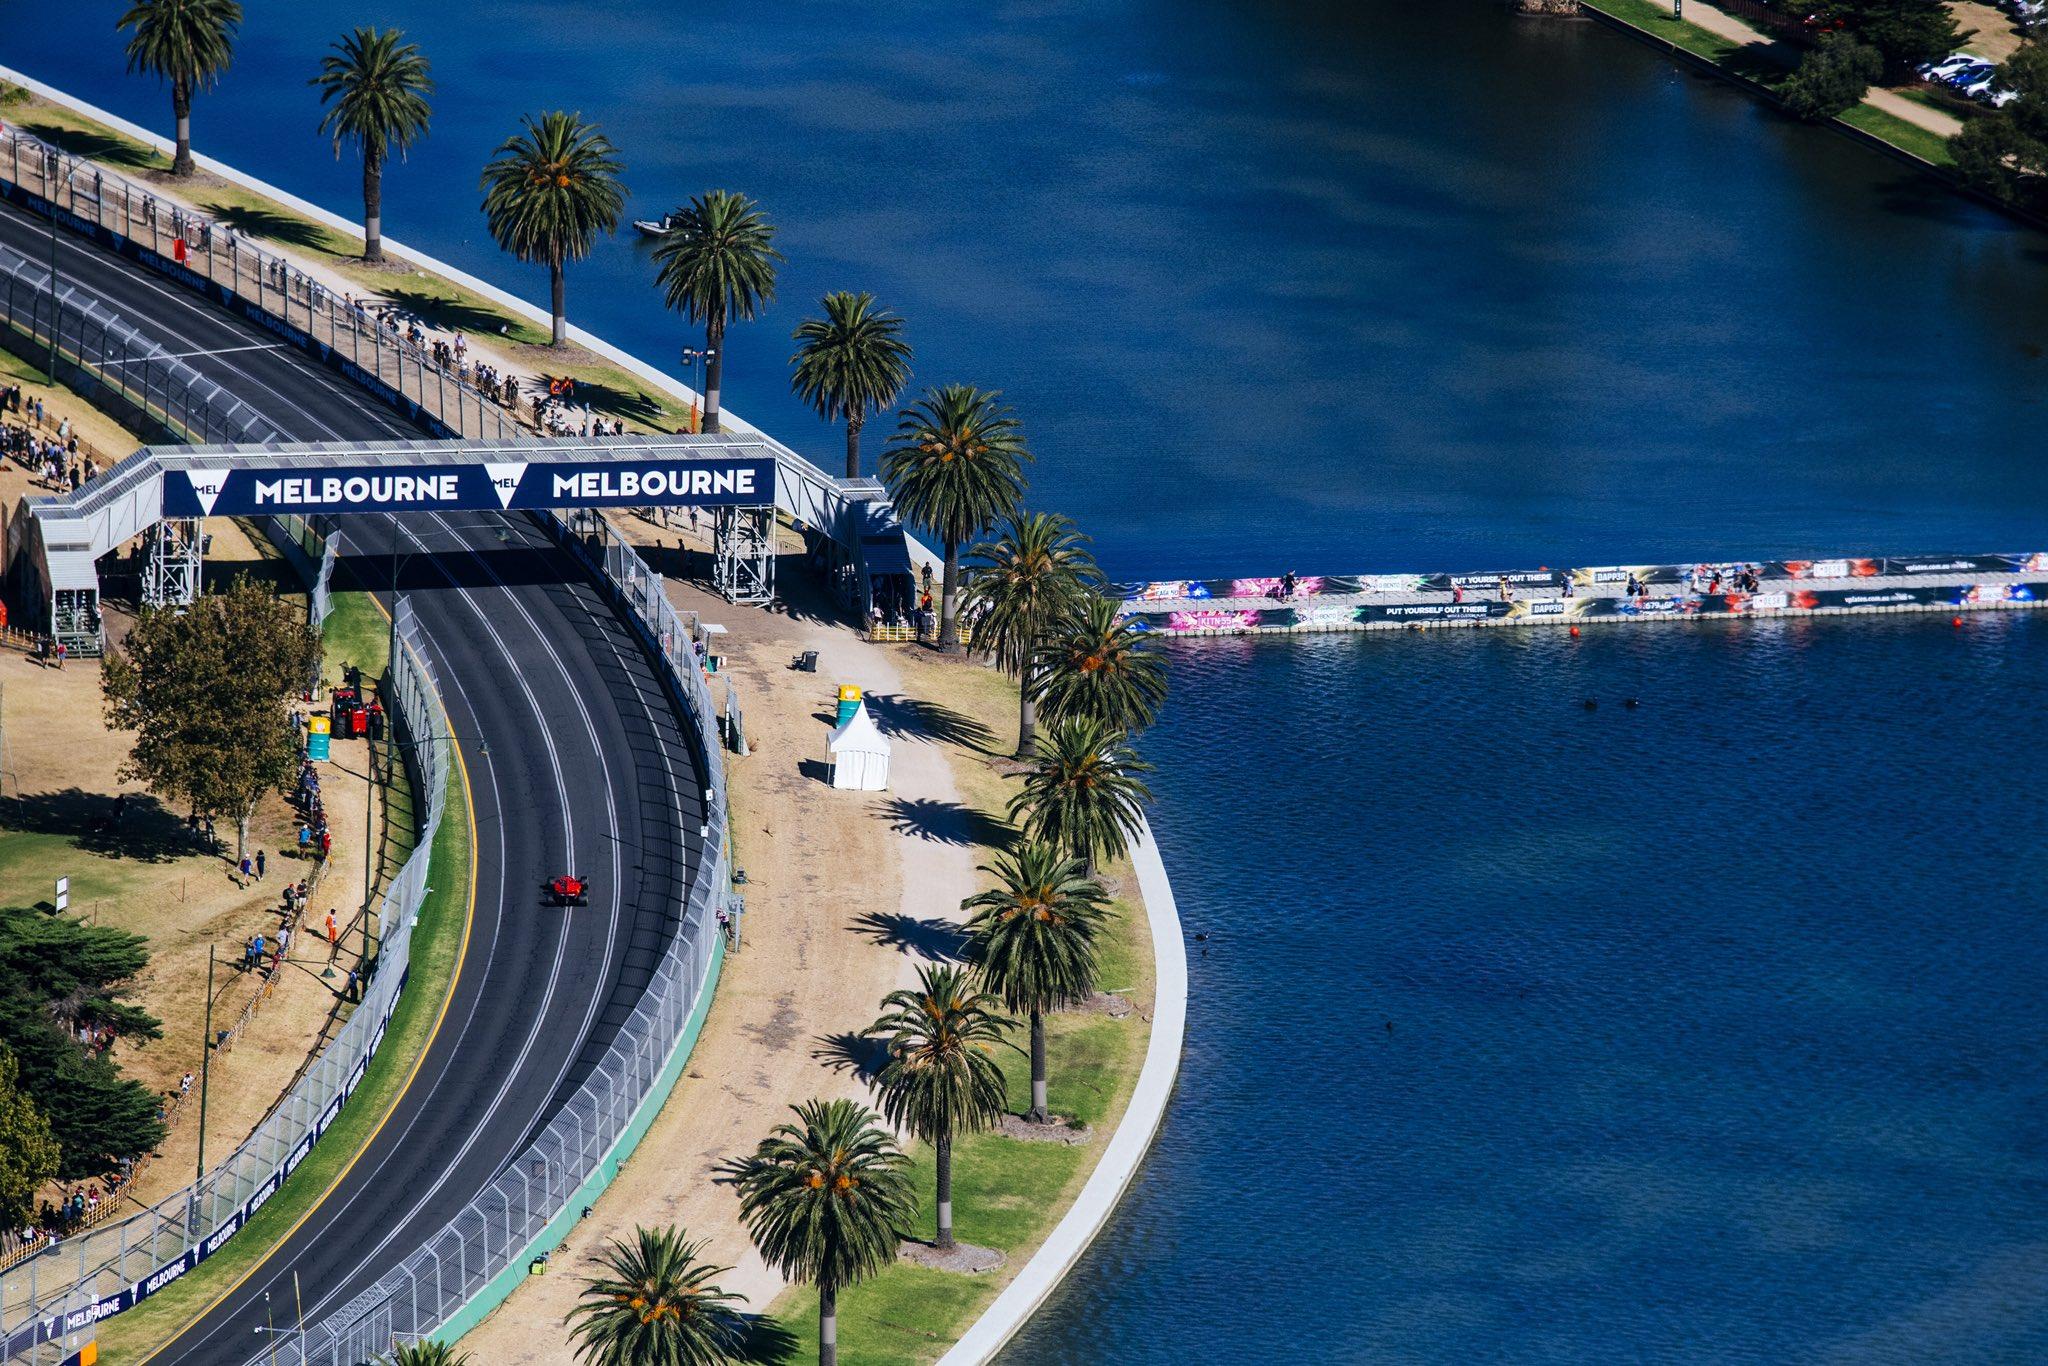 Автодром Альберт-Парк в Мельбурне